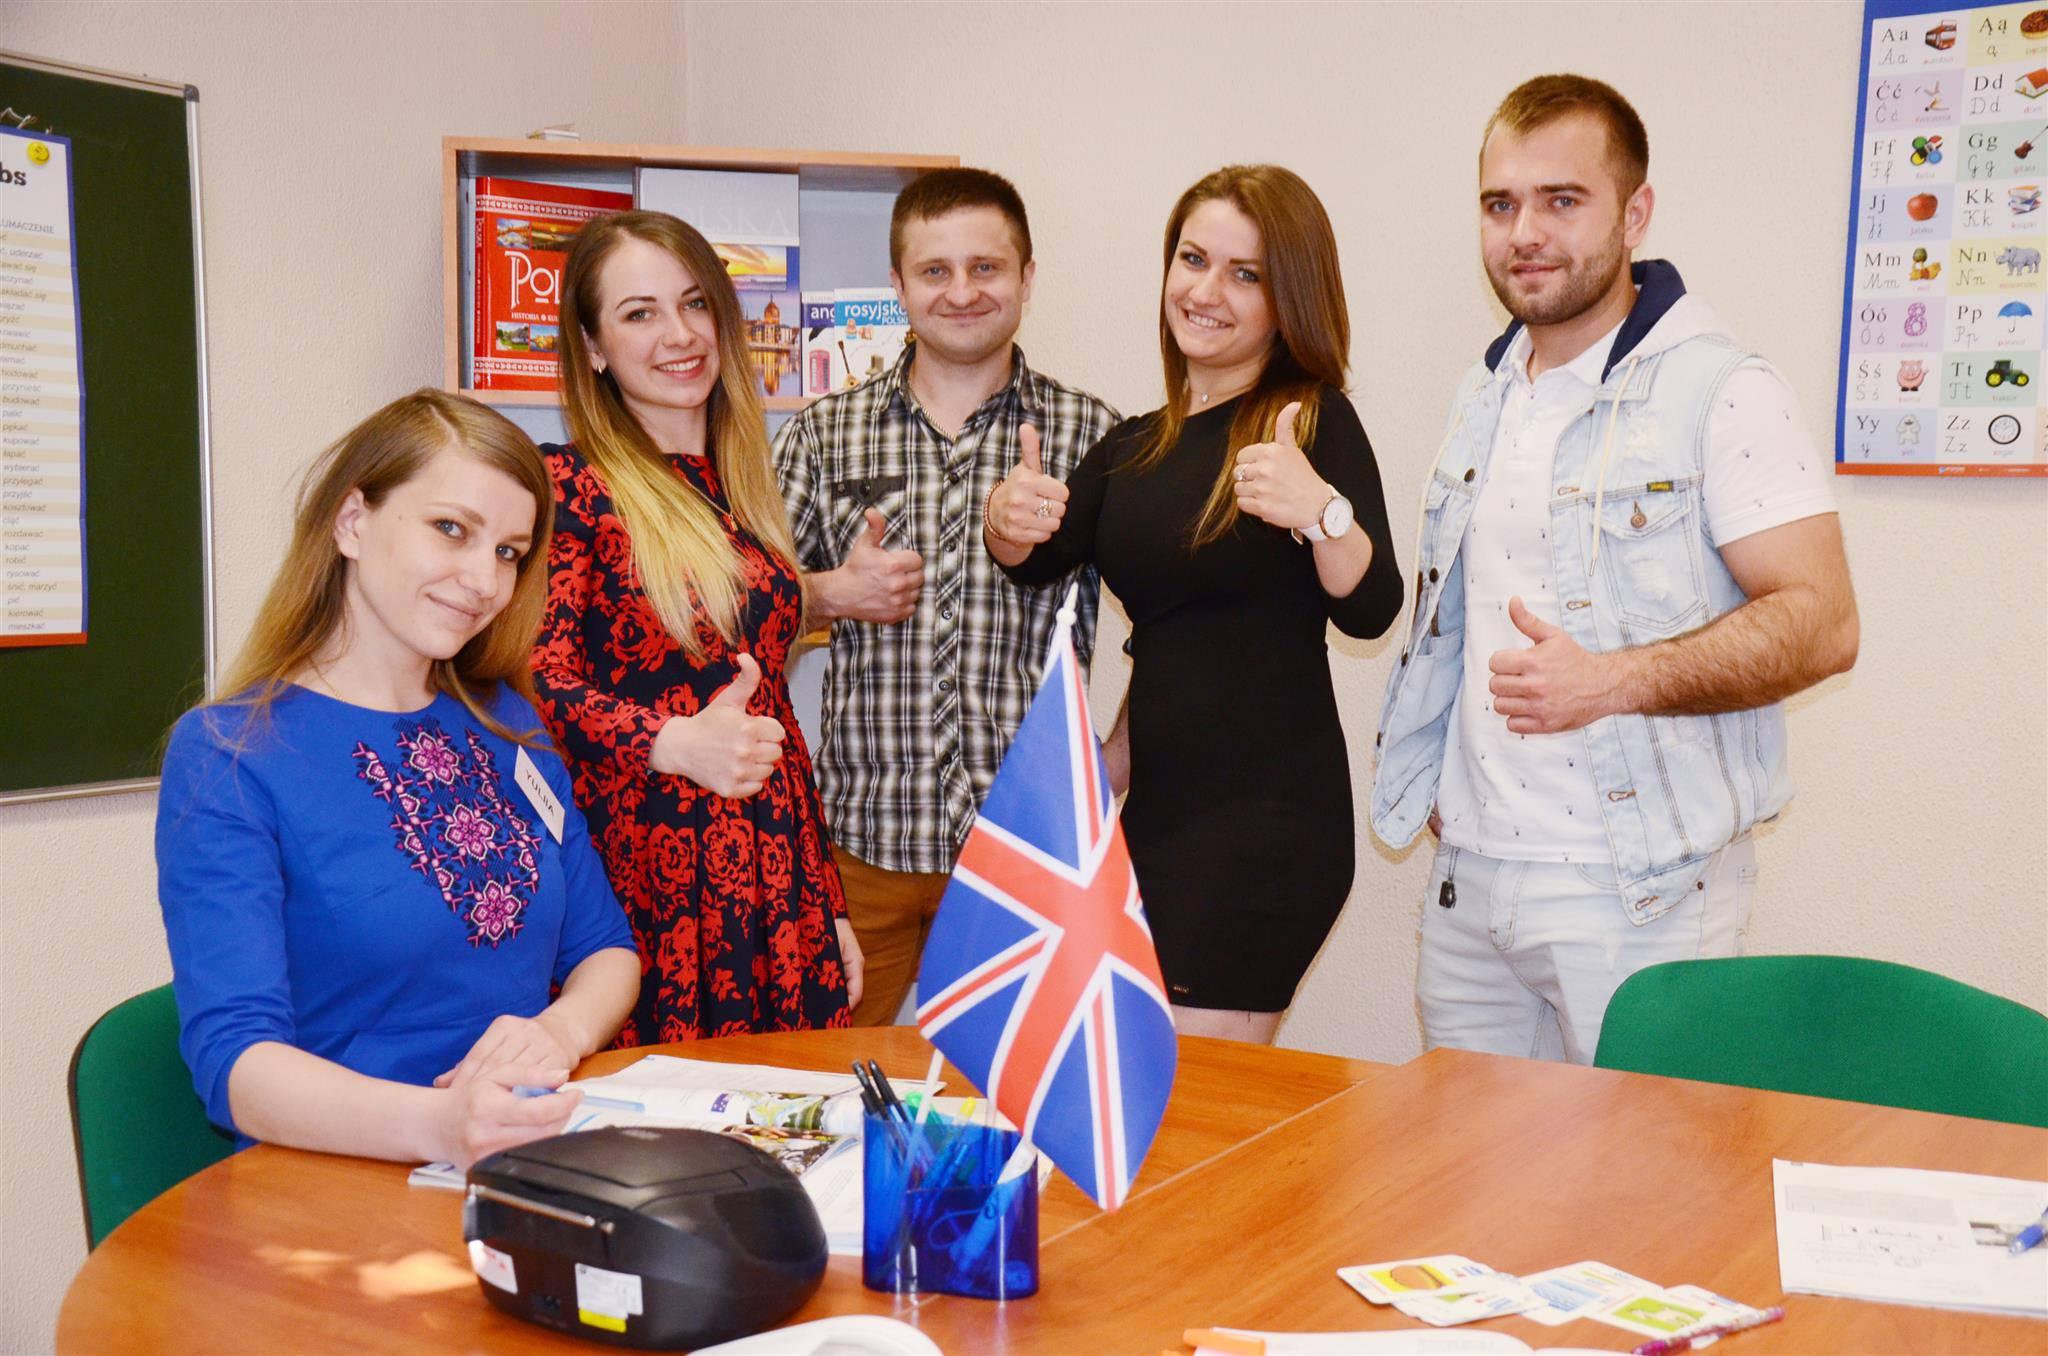 Доступная и увлекательная форма подачи материала позволит легче его усвоить. Для записи на интенсивный курс польского языка приходи в школу Polskikraj.